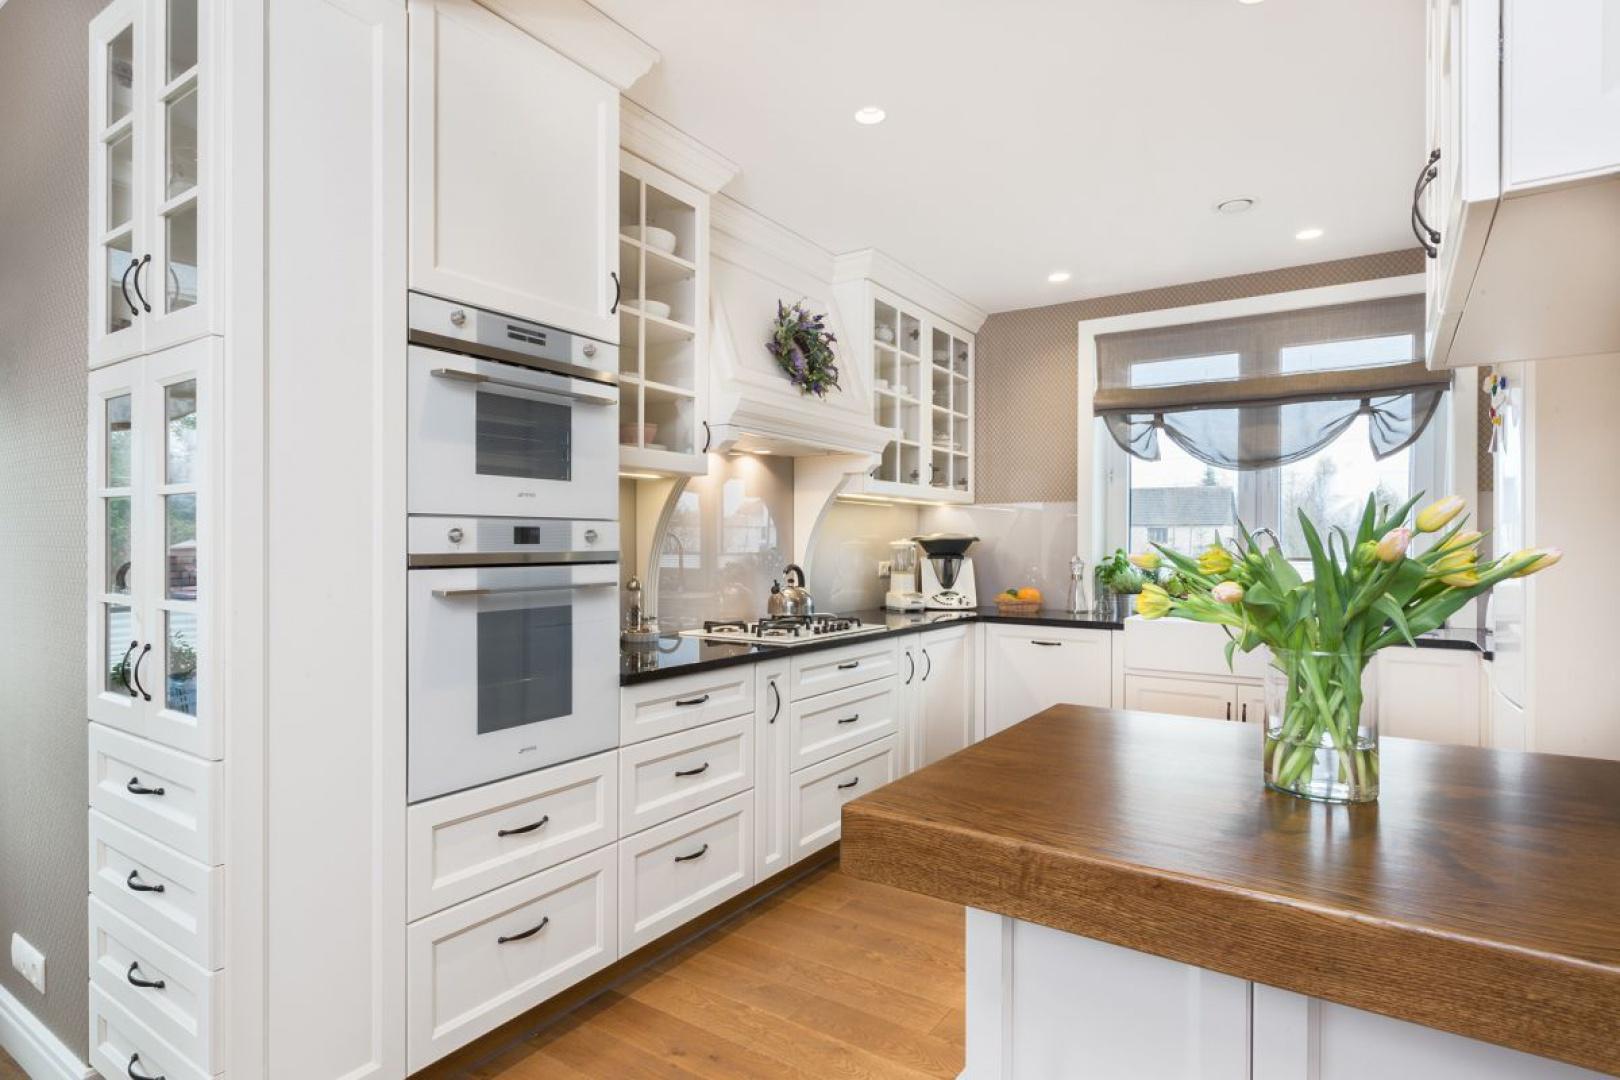 Klasyczny charakter aranżacji podkreślają stylizowane meble i frezowane fronty kuchenne.